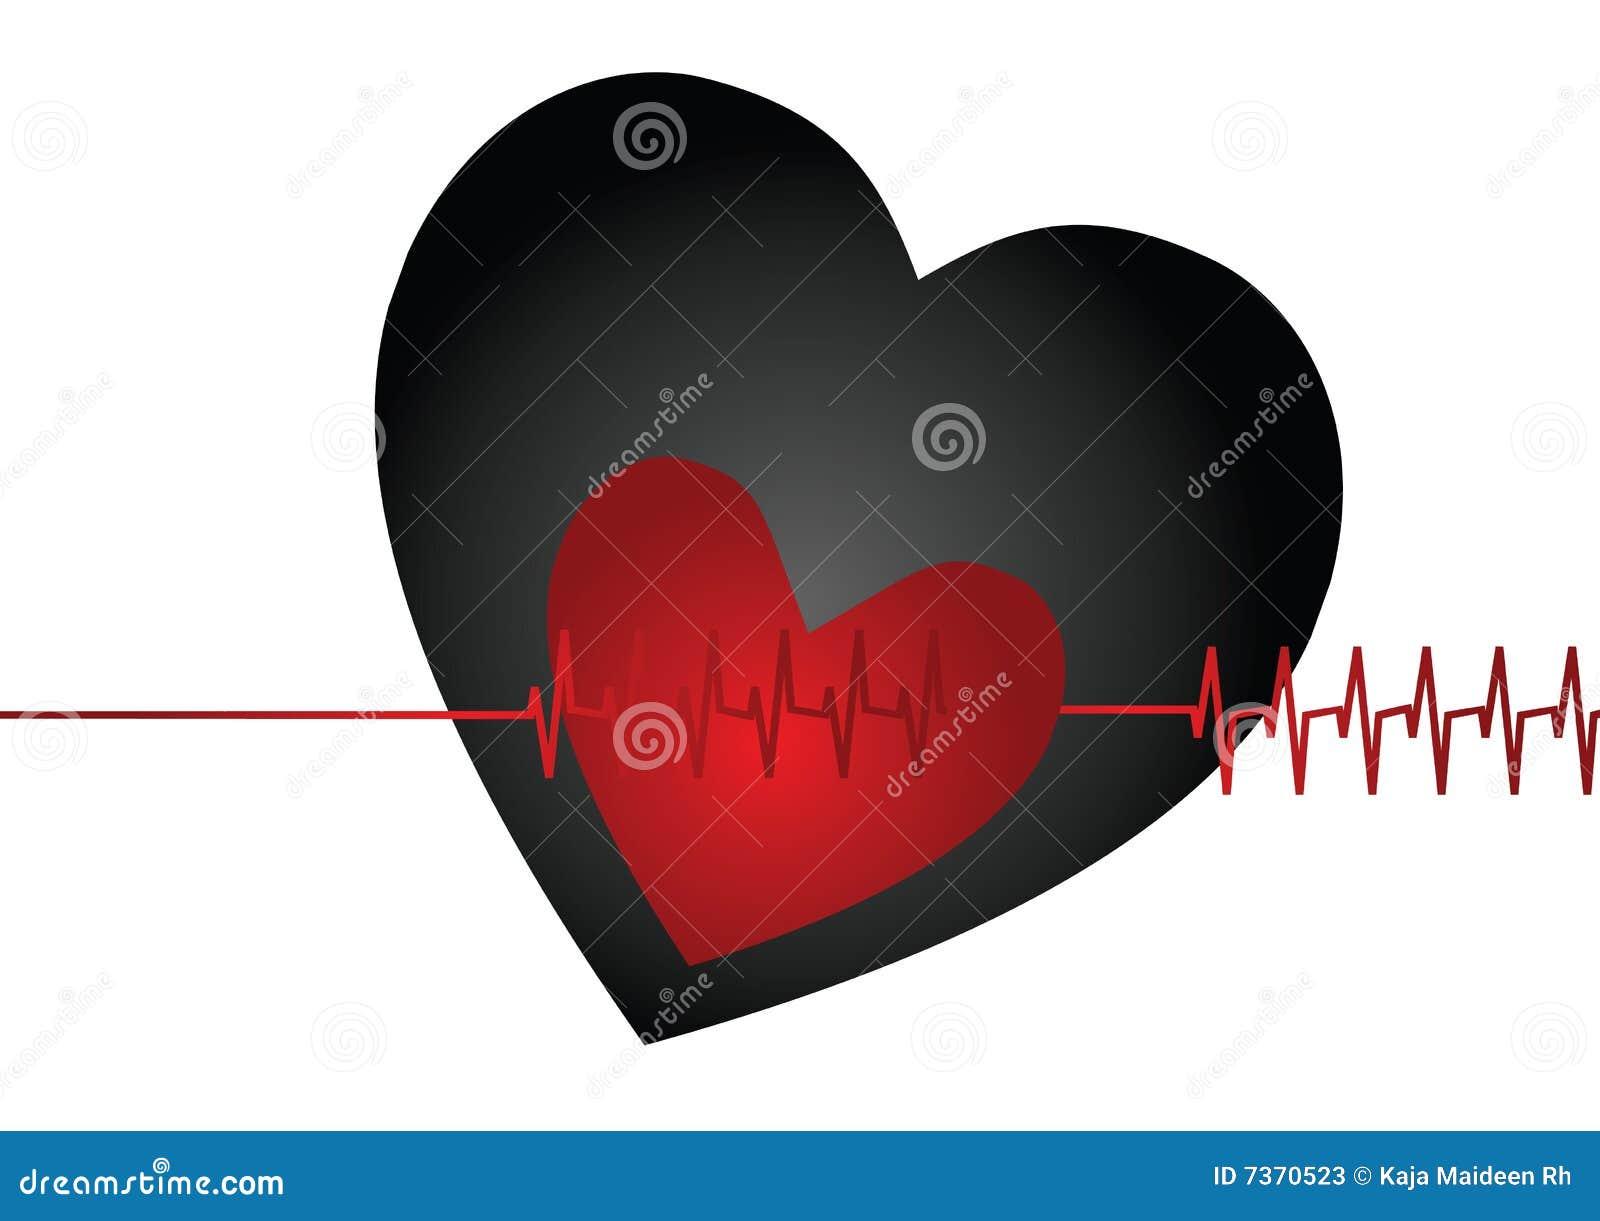 Rytmu serce